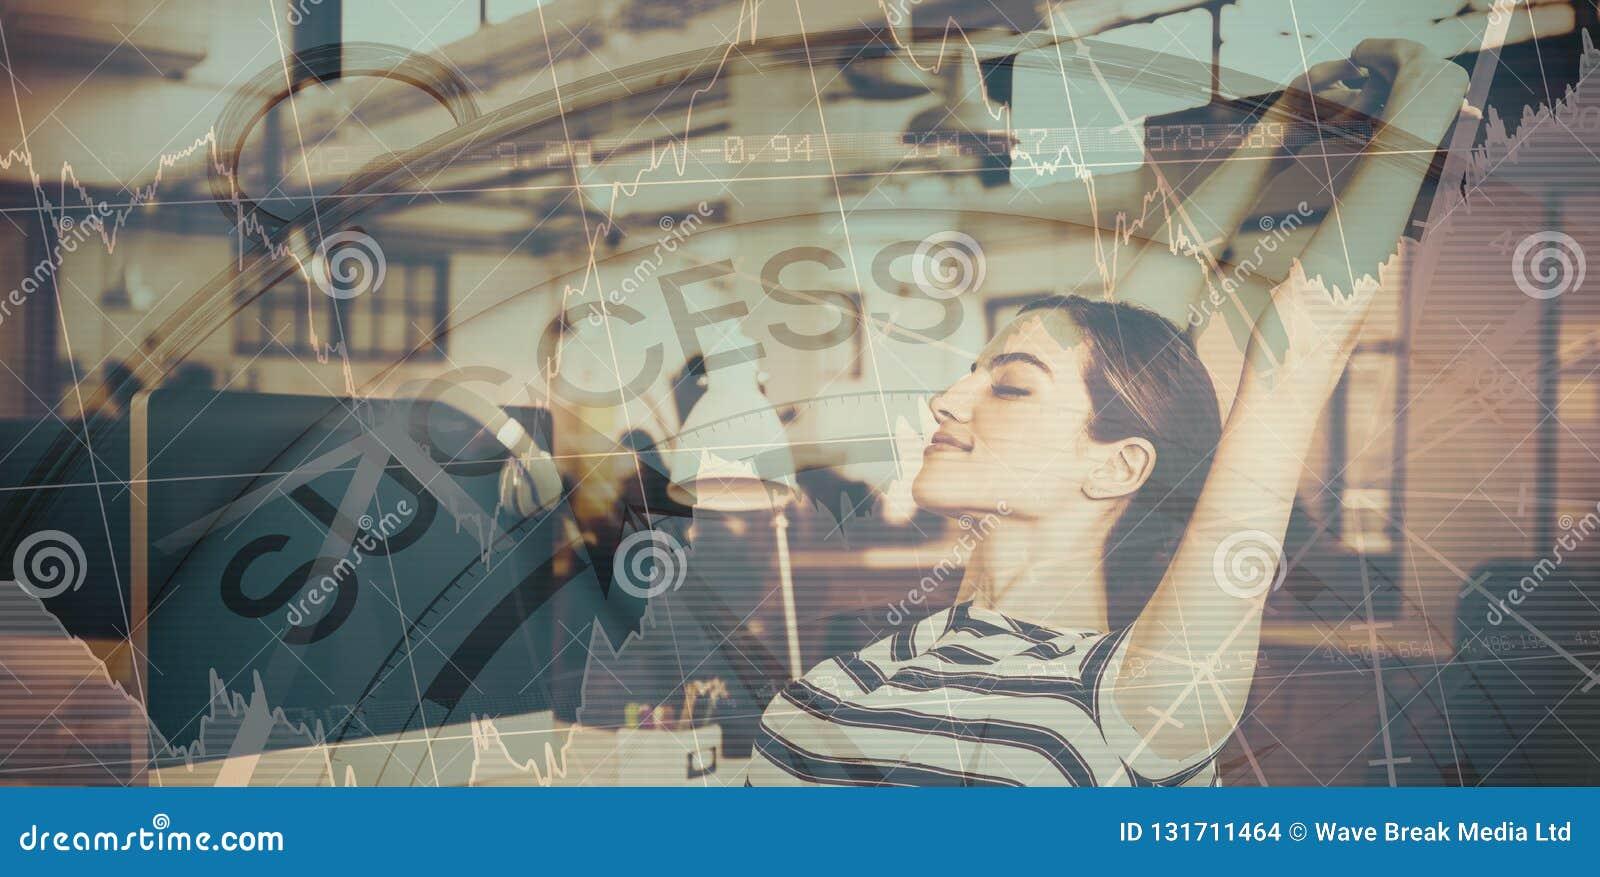 Imagen compuesta del texto del éxito con los gráficos y el compás navegacional